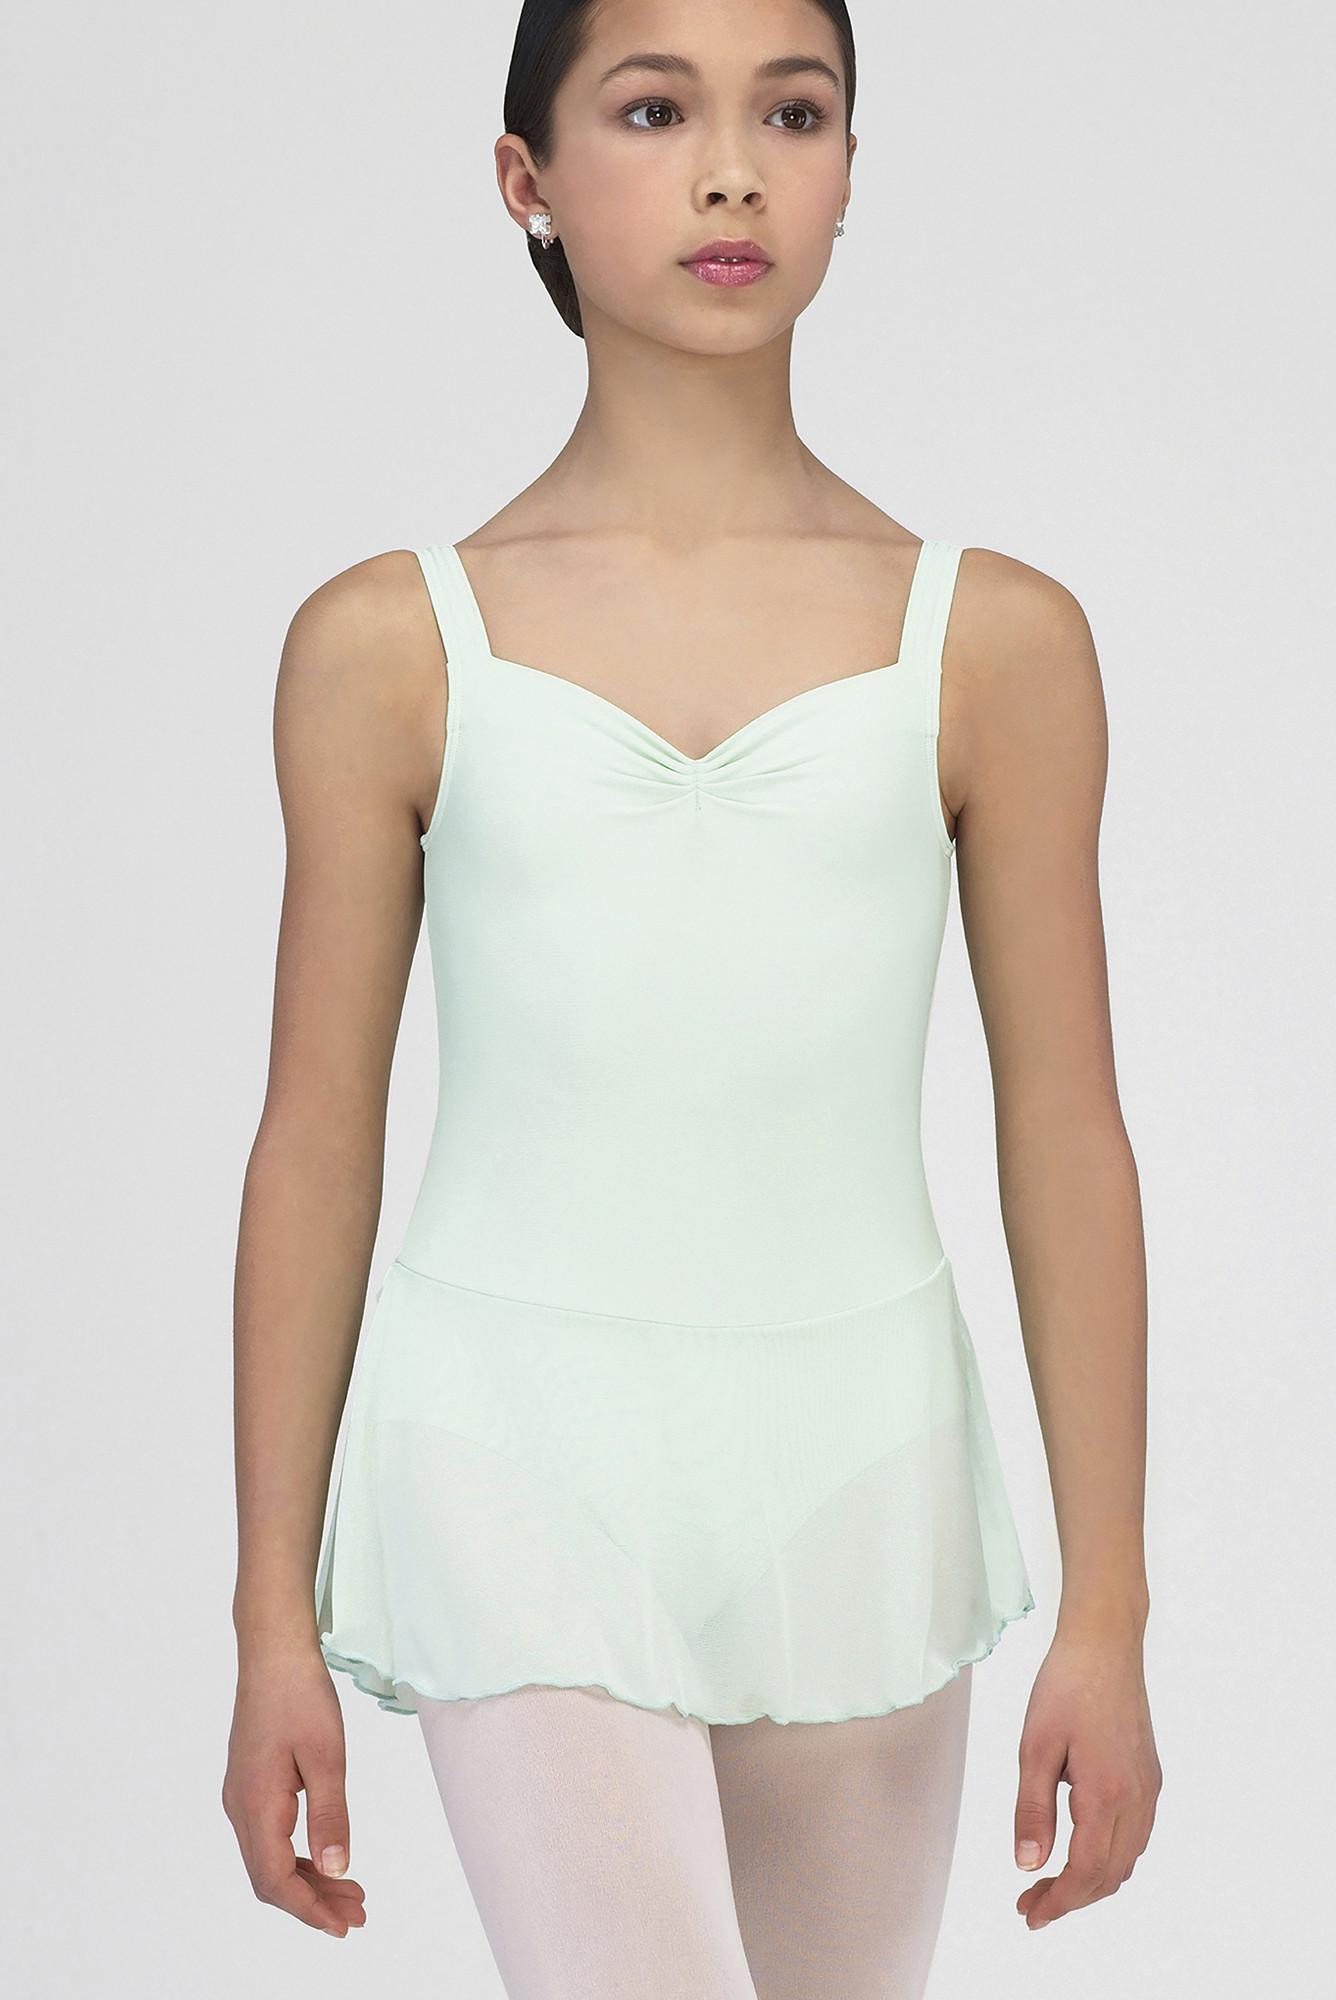 Wear Moi Tunique Atena Light Grey XS